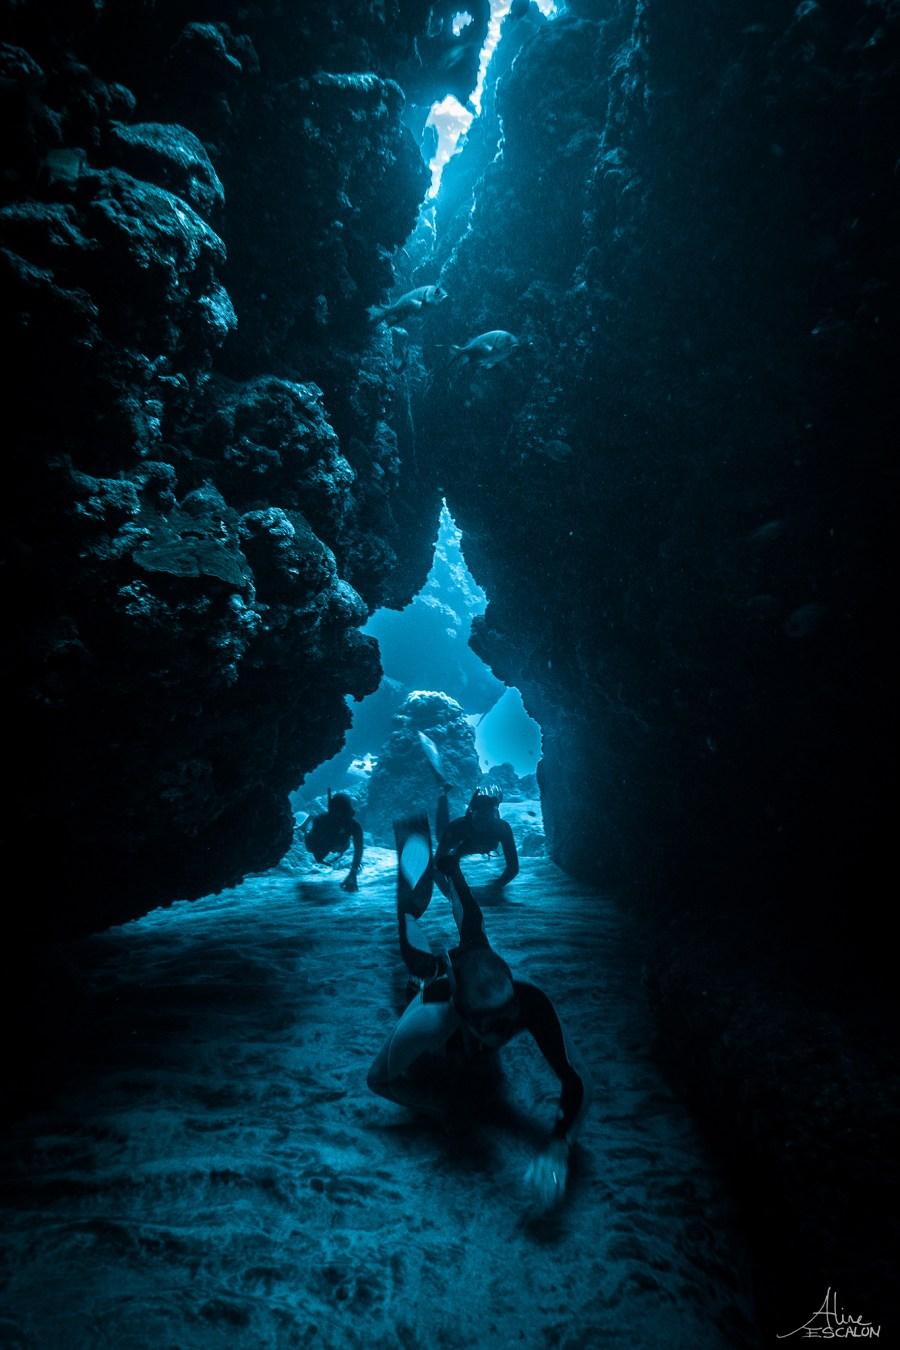 Apnée - Exploration des fonds marins - Aline Escalon.jpg